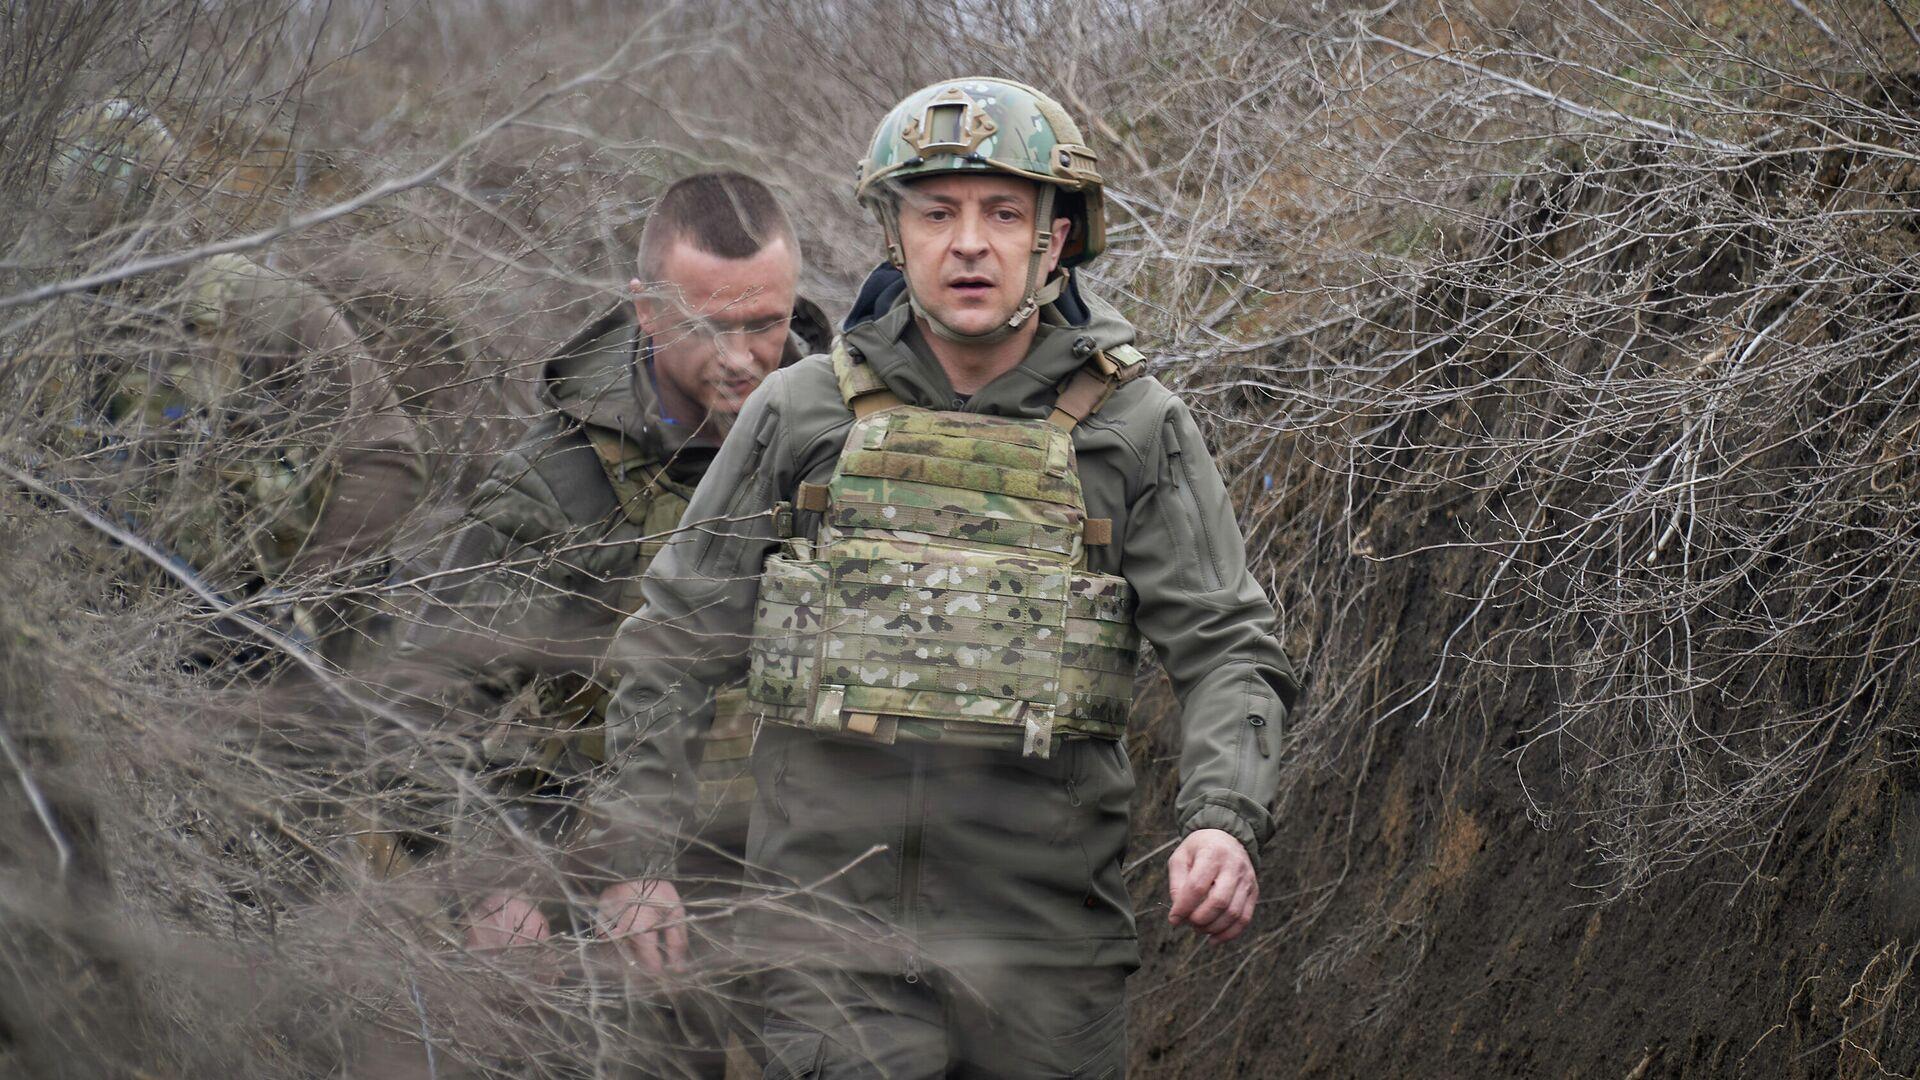 Президент Украины Владимир Зеленский во время посещения позиций украинских войск в Донбассе - РИА Новости, 1920, 11.05.2021